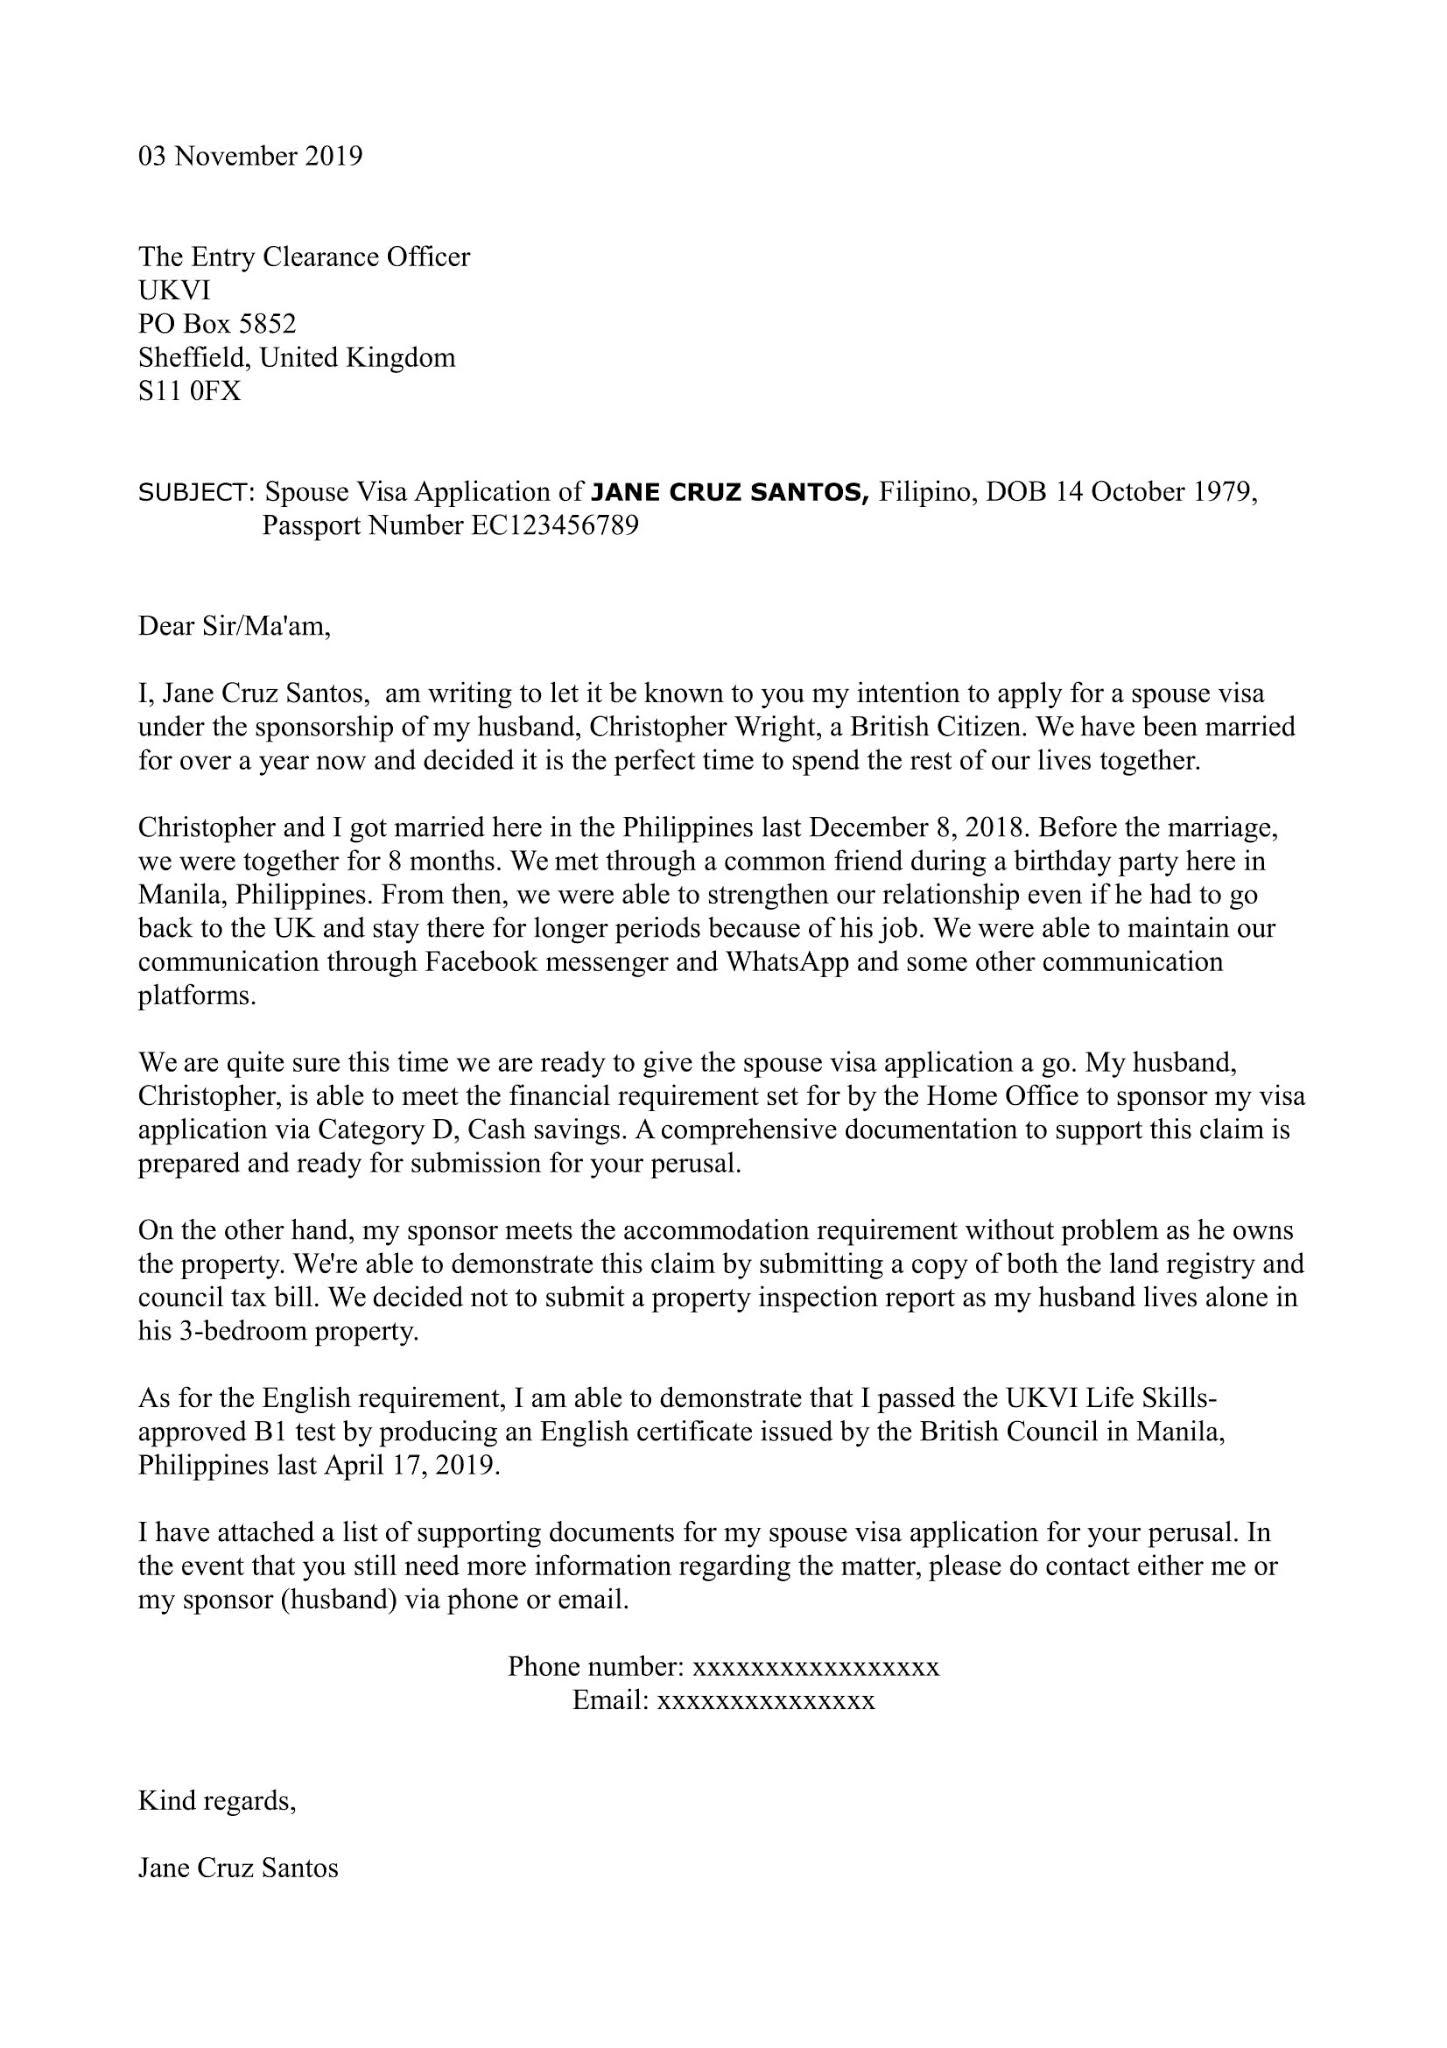 Sample Cover Letter For Spouse Visa